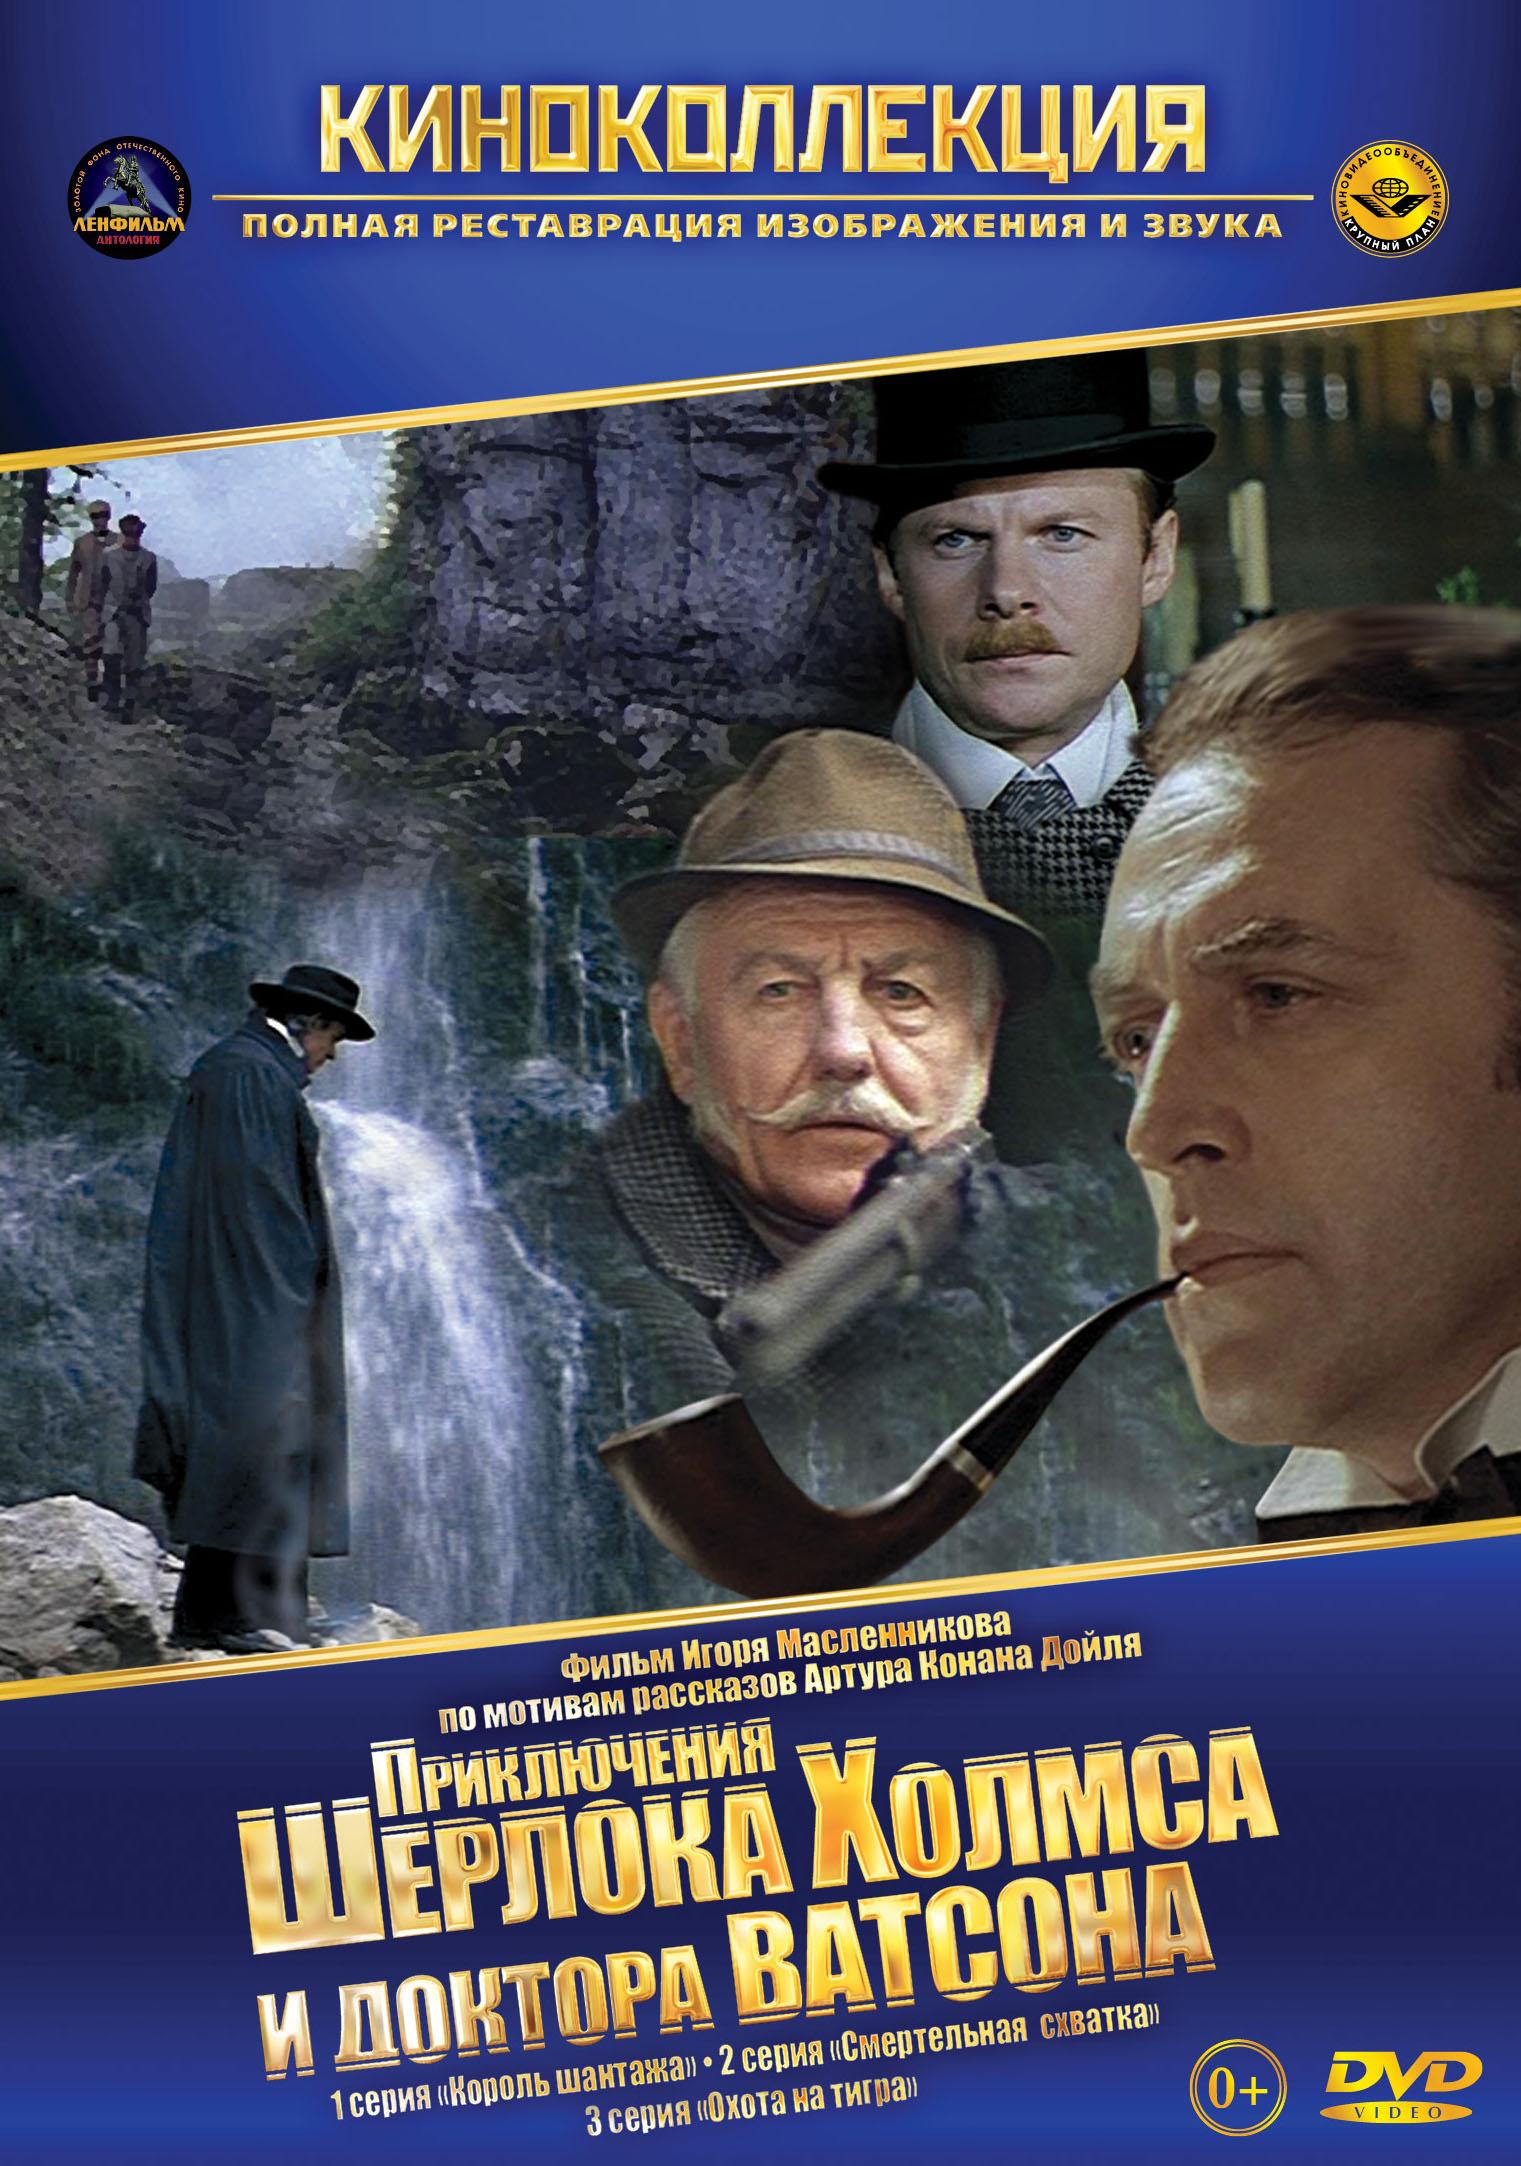 Шерлок холмс и доктор ватсон смотреть онлайн 28 фотография